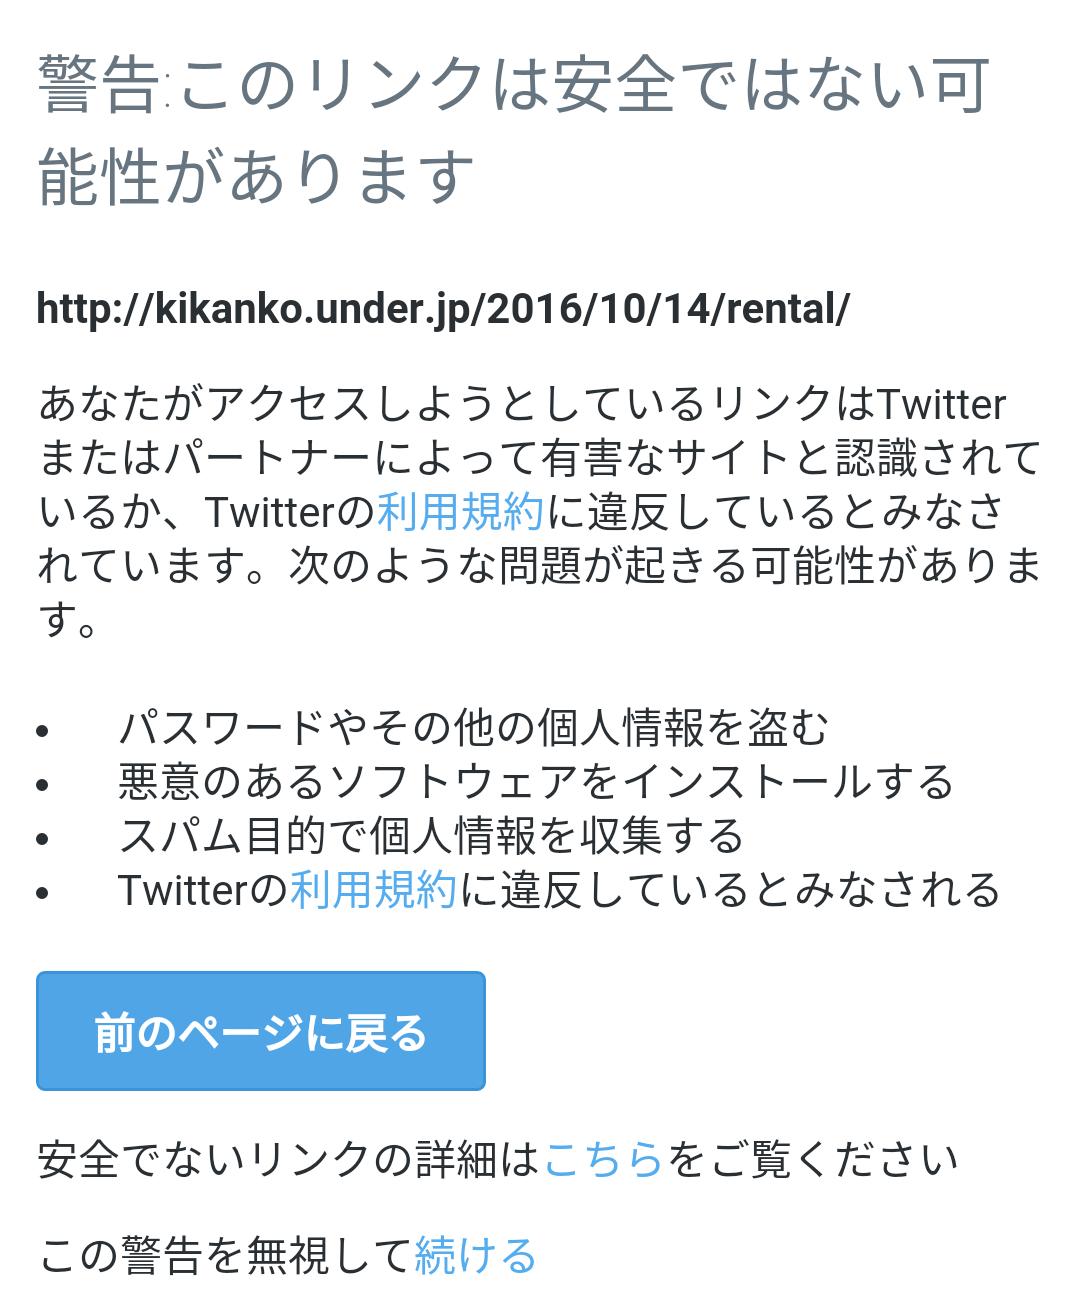 無事解決!TwitterでブログのURLがスパム判定された時の対処方法